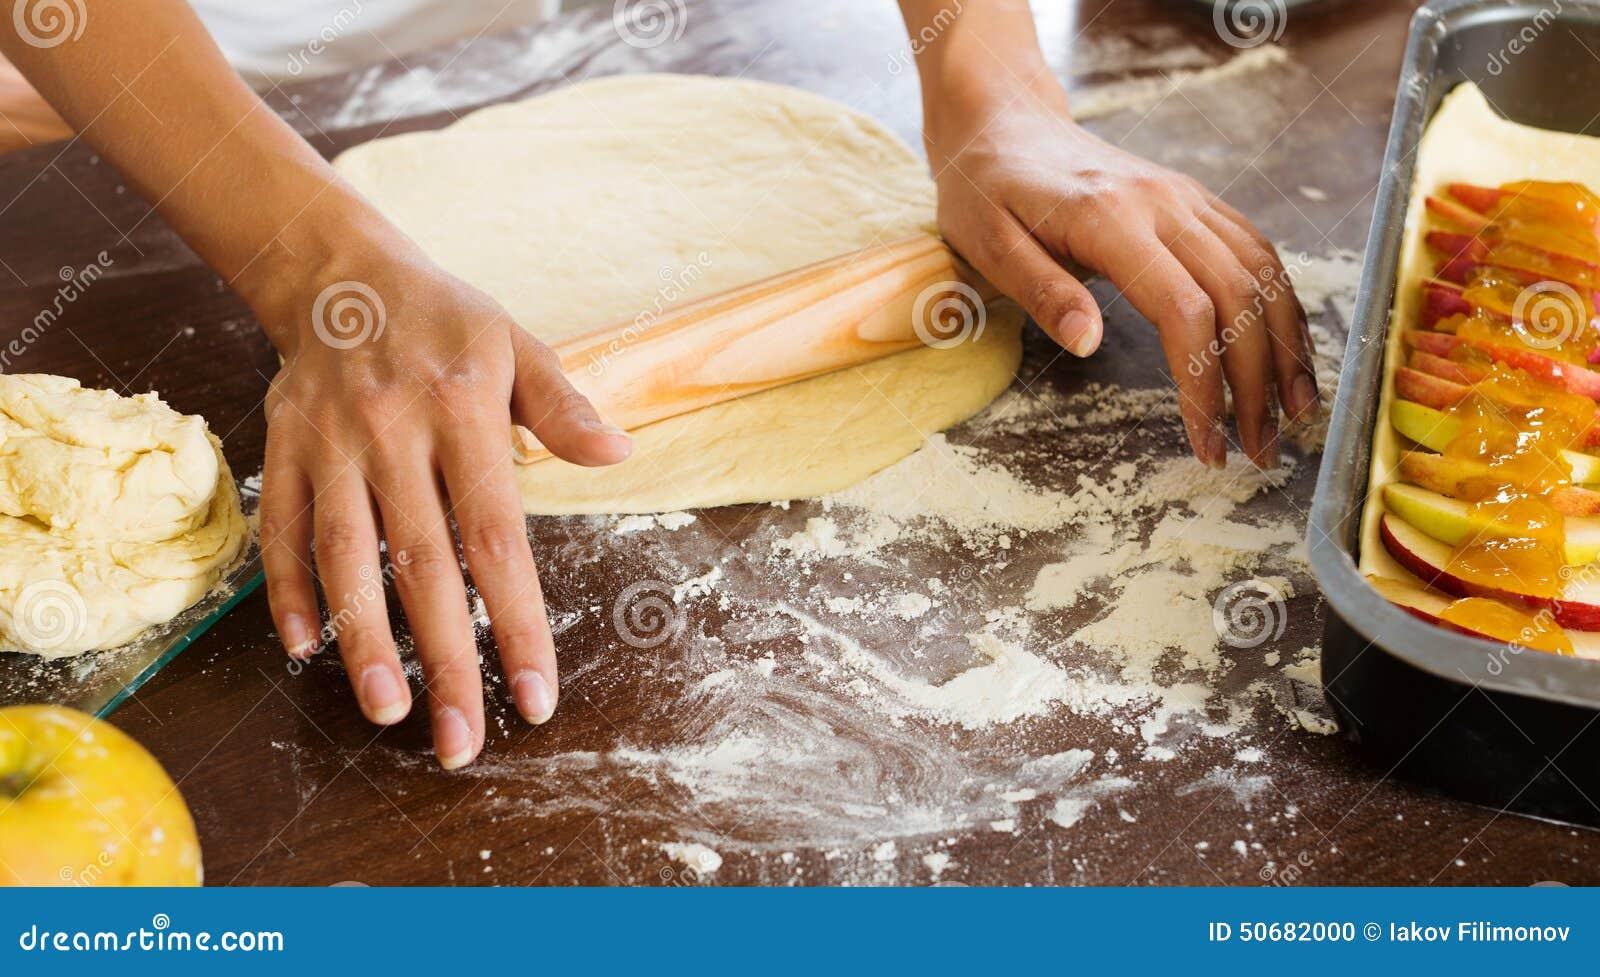 Download 做苹果蛋糕的妇女特写镜头 库存照片. 图片 包括有 面粉, 面团, 成份, 主妇, 馄饨, 厨房, 食谱 - 50682000